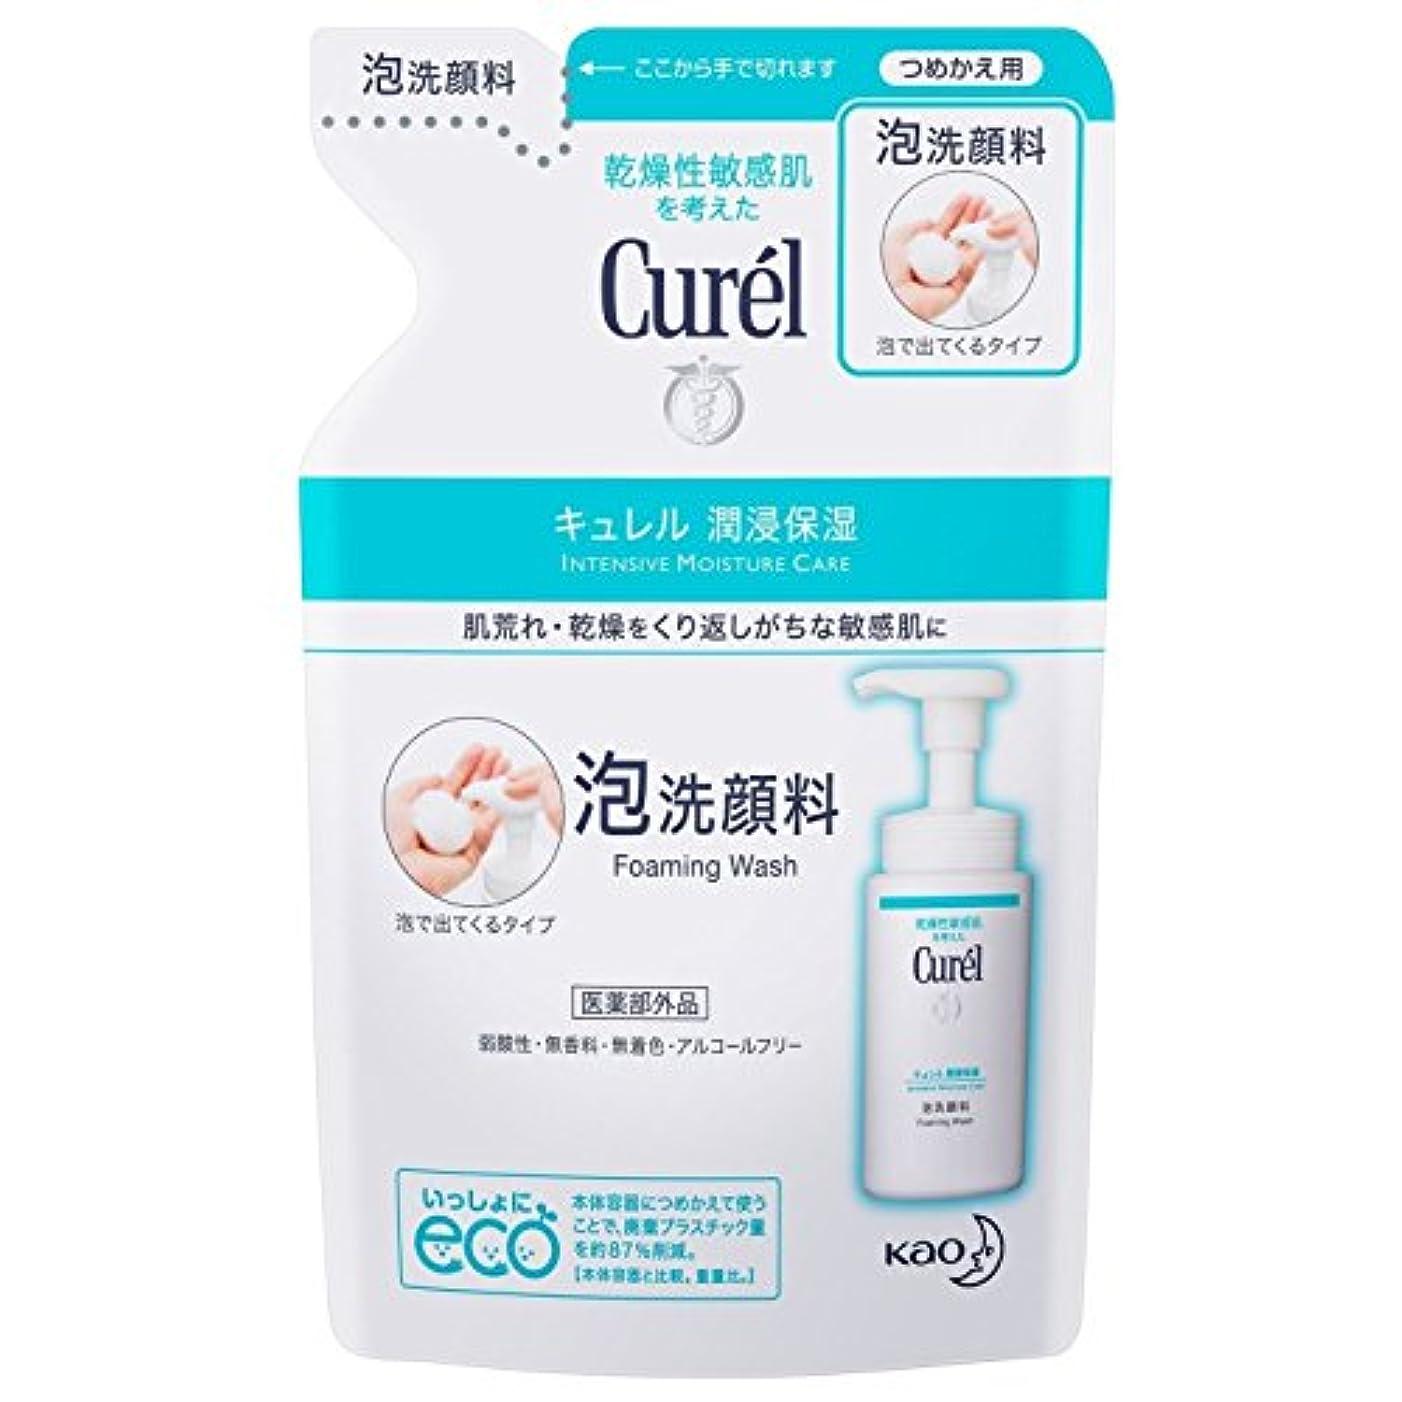 かみそり価格耐えられない【花王】Curel(キュレル) 泡洗顔料 つめかえ用 130ml ×5個セット